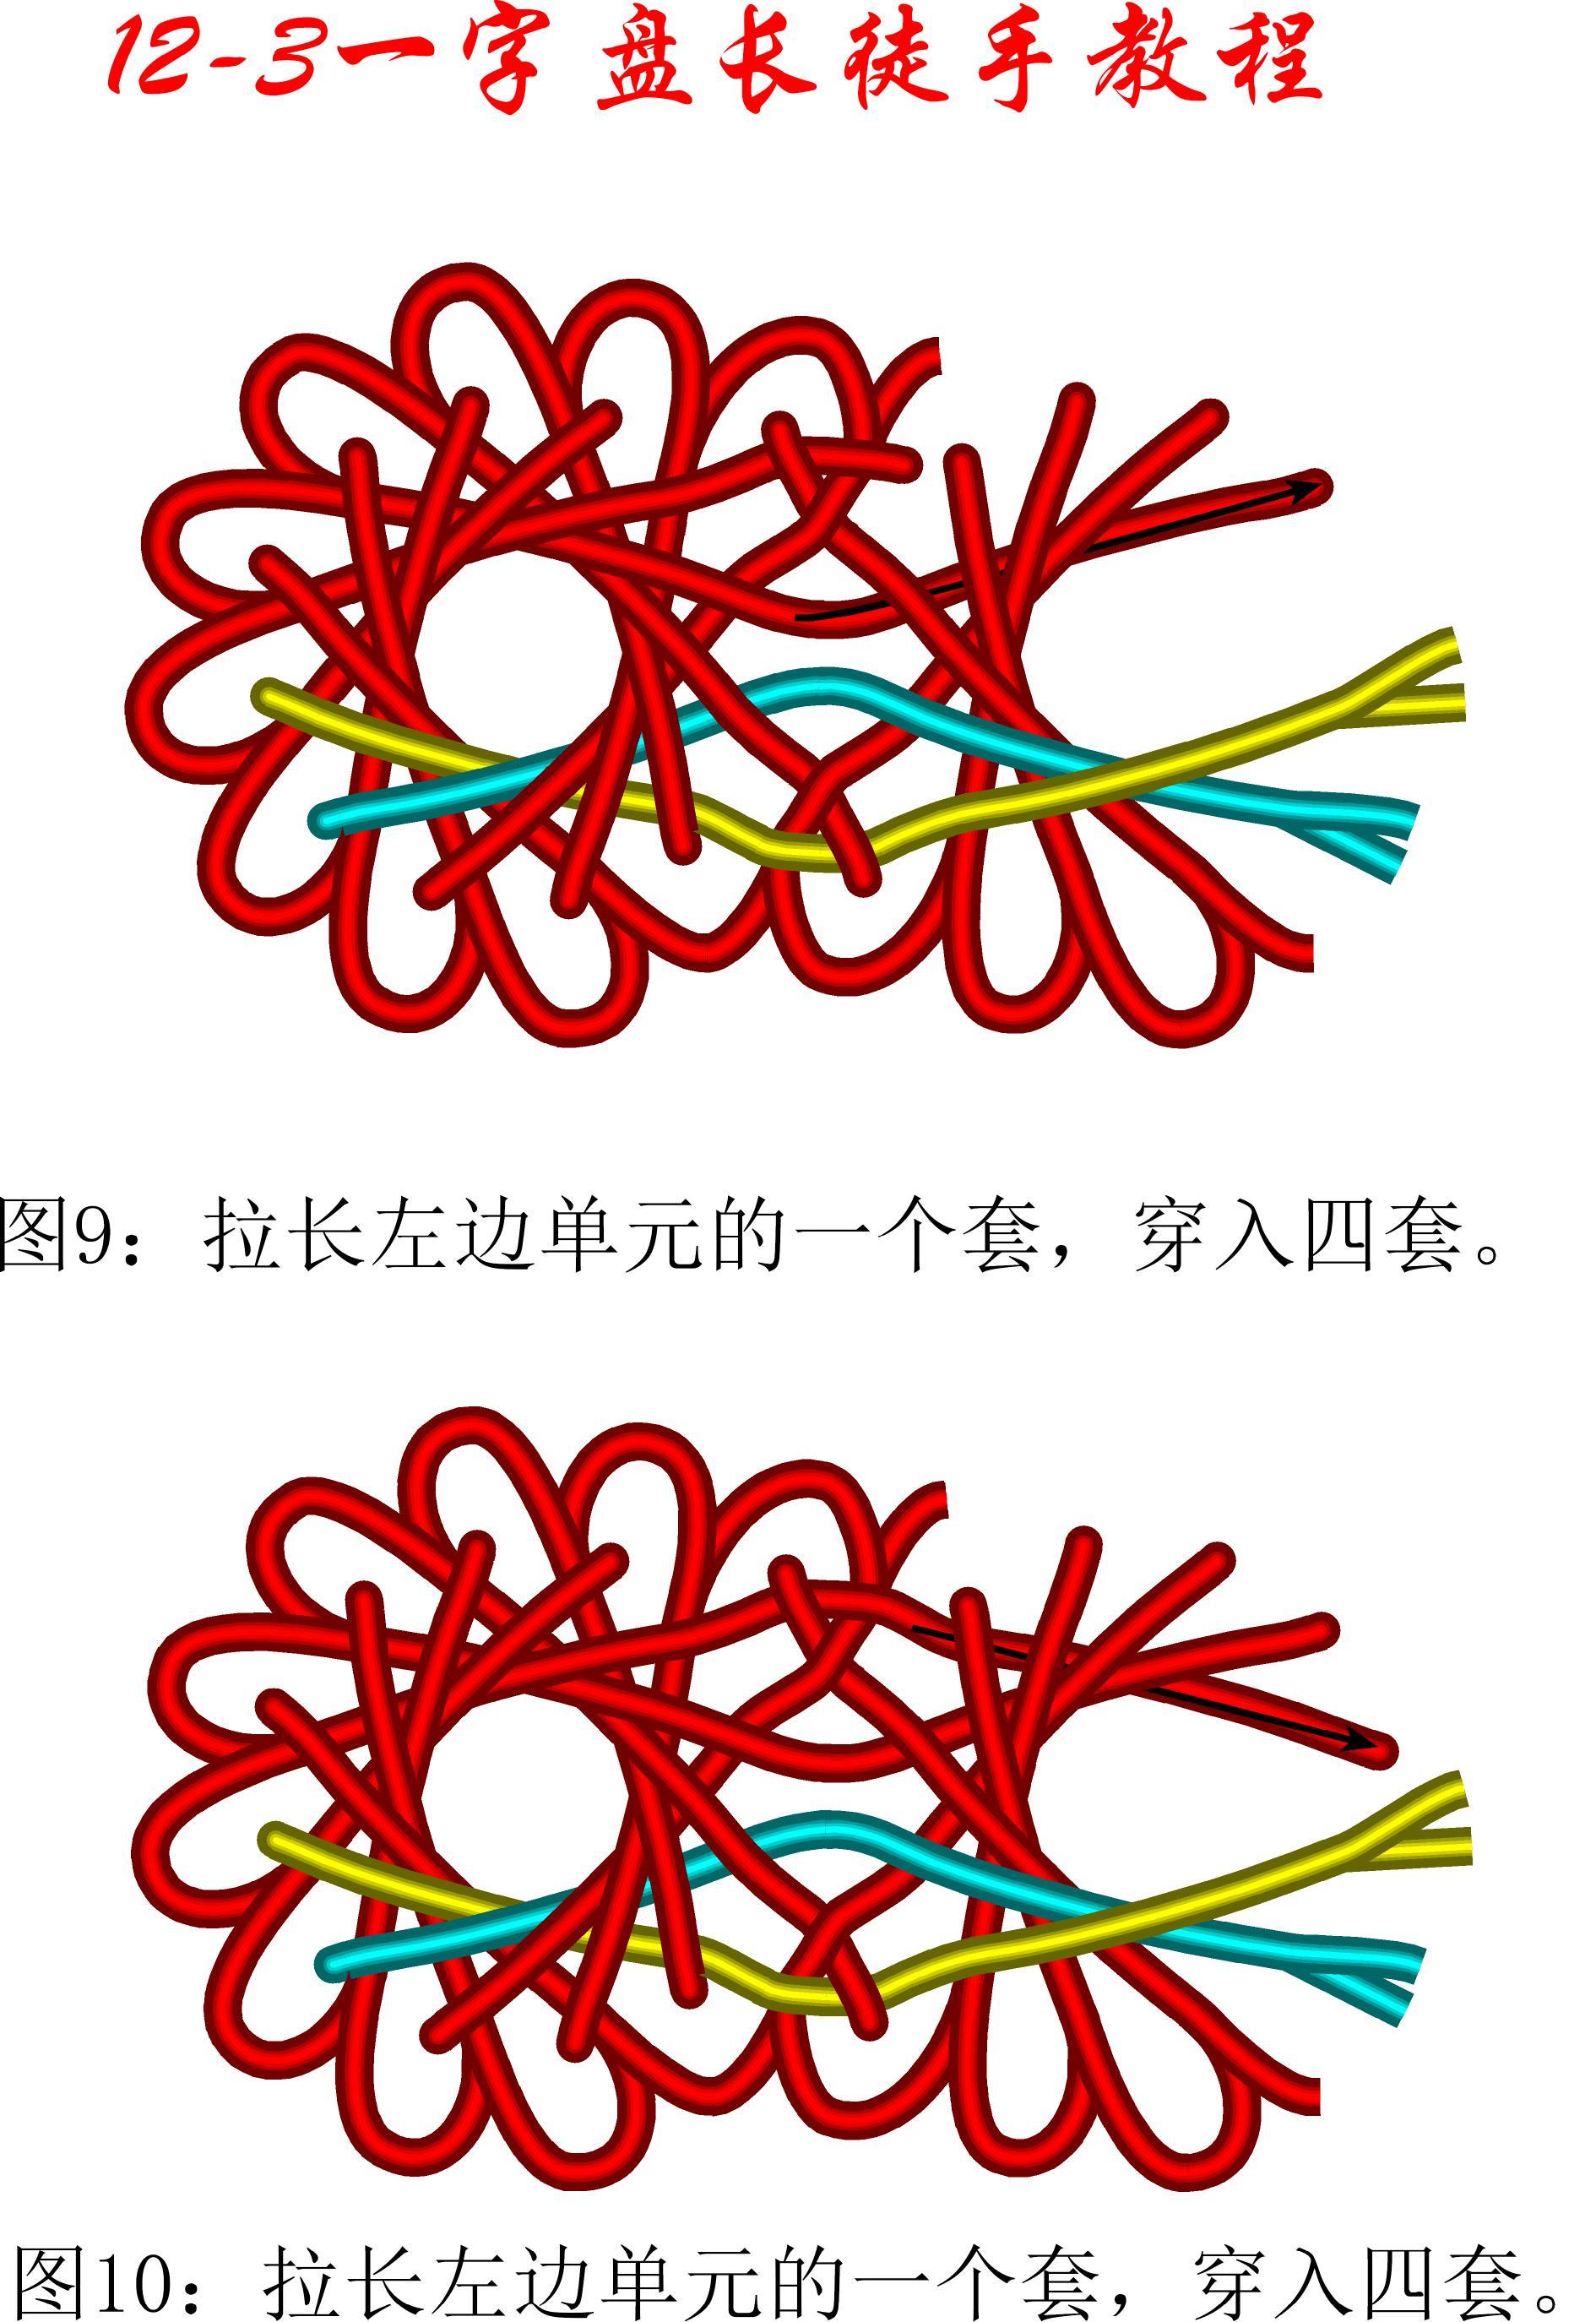 中国结论坛 12-3一字盘长单元扩展法教程 教程,一步一步教你编中国结 丑丑徒手编结 105952zbzqnnpa7uuxxzcu